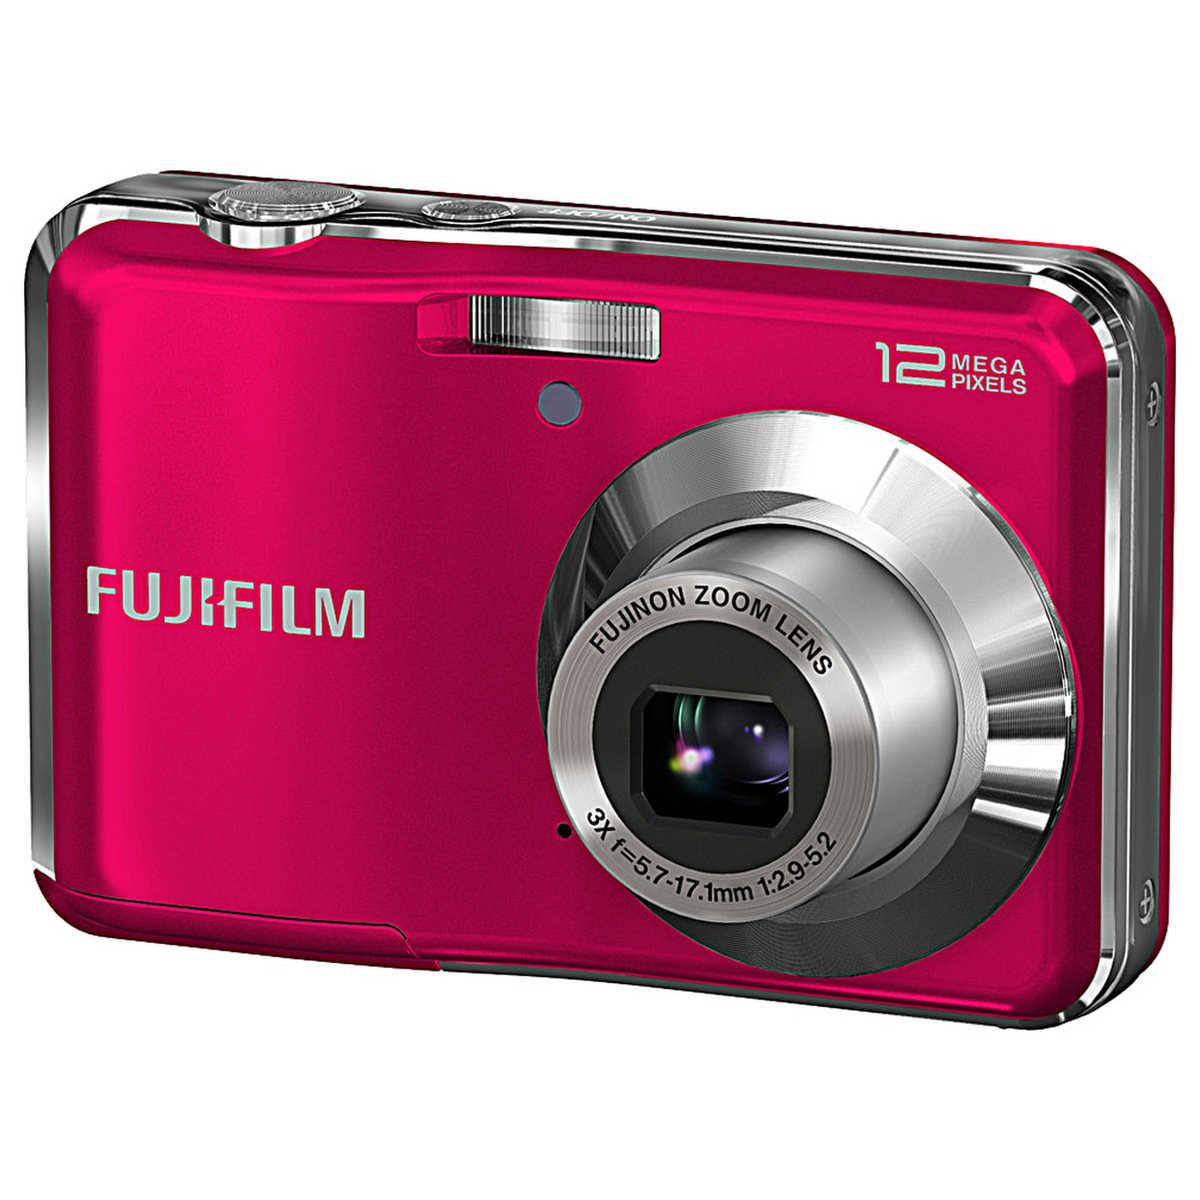 Fuji FinePix AV100 Image